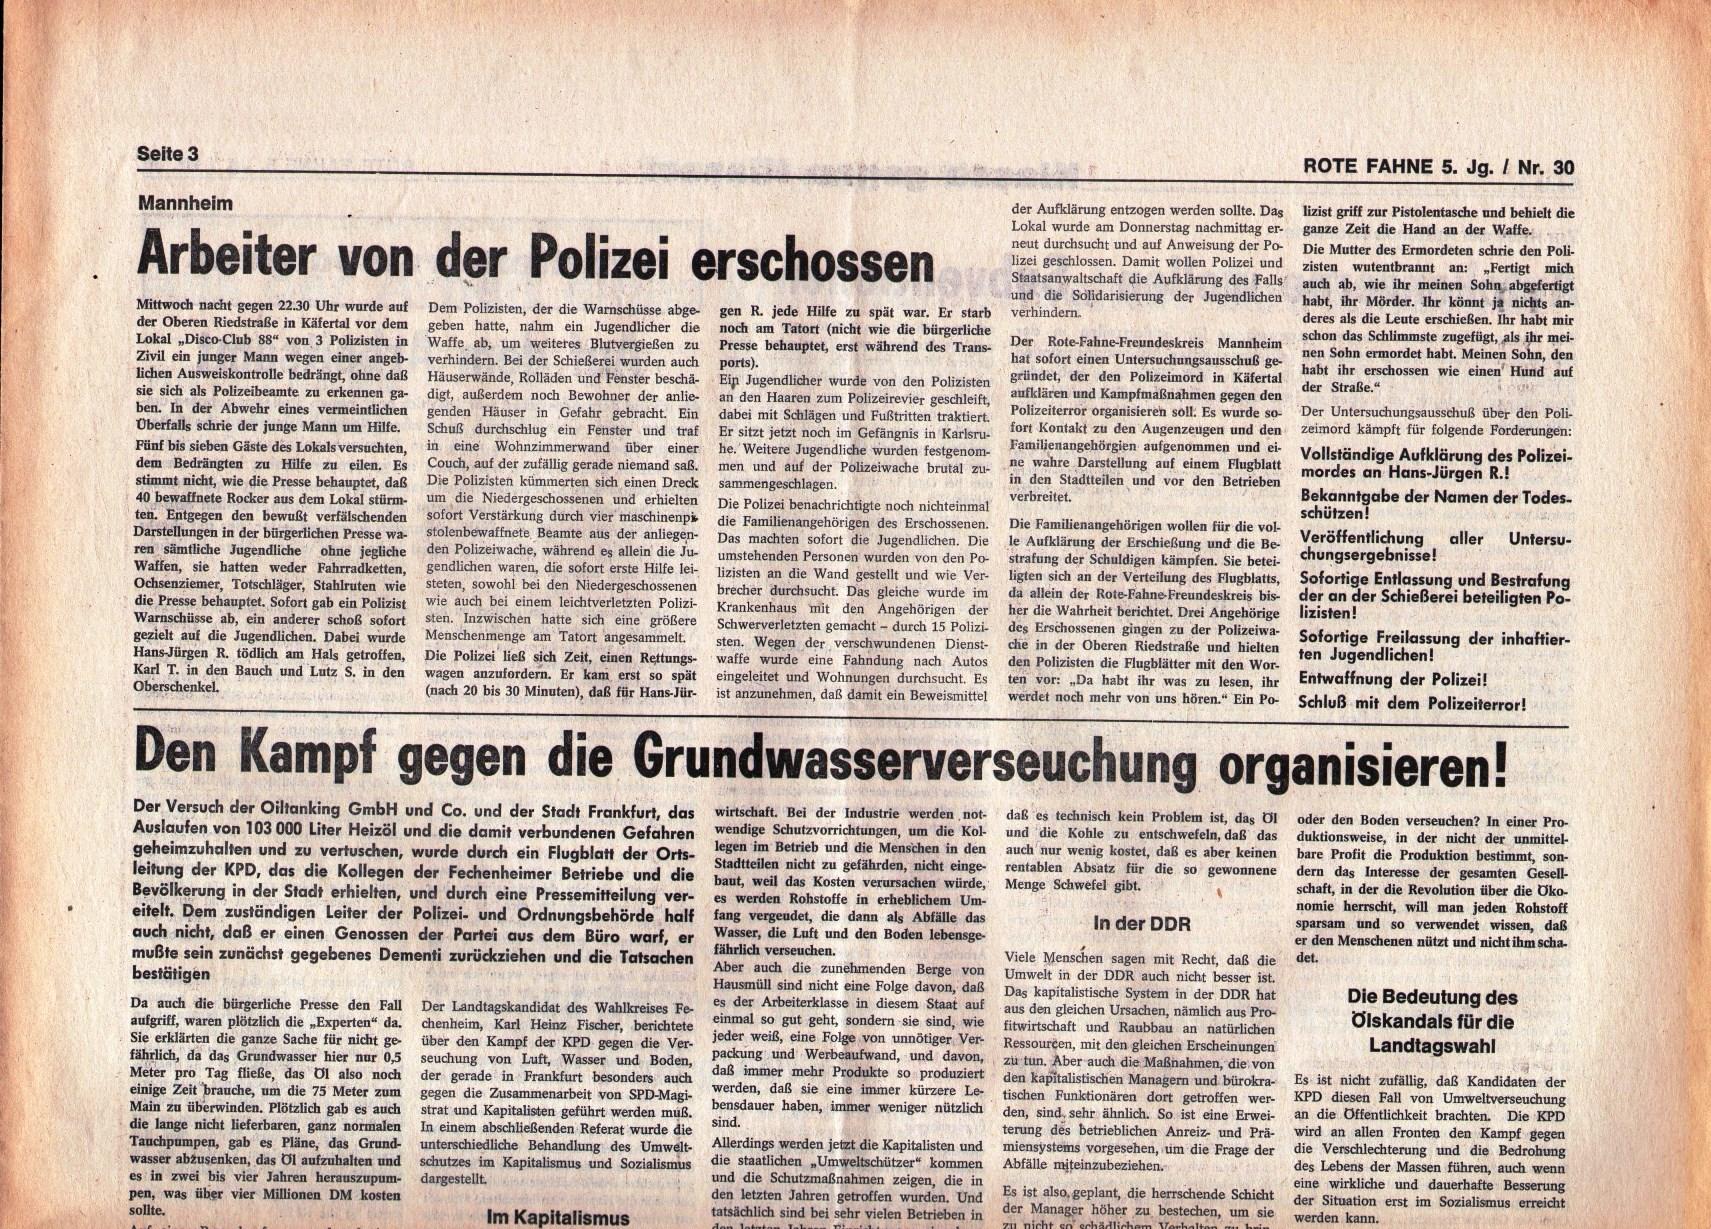 KPD_Rote_Fahne_1974_30_05